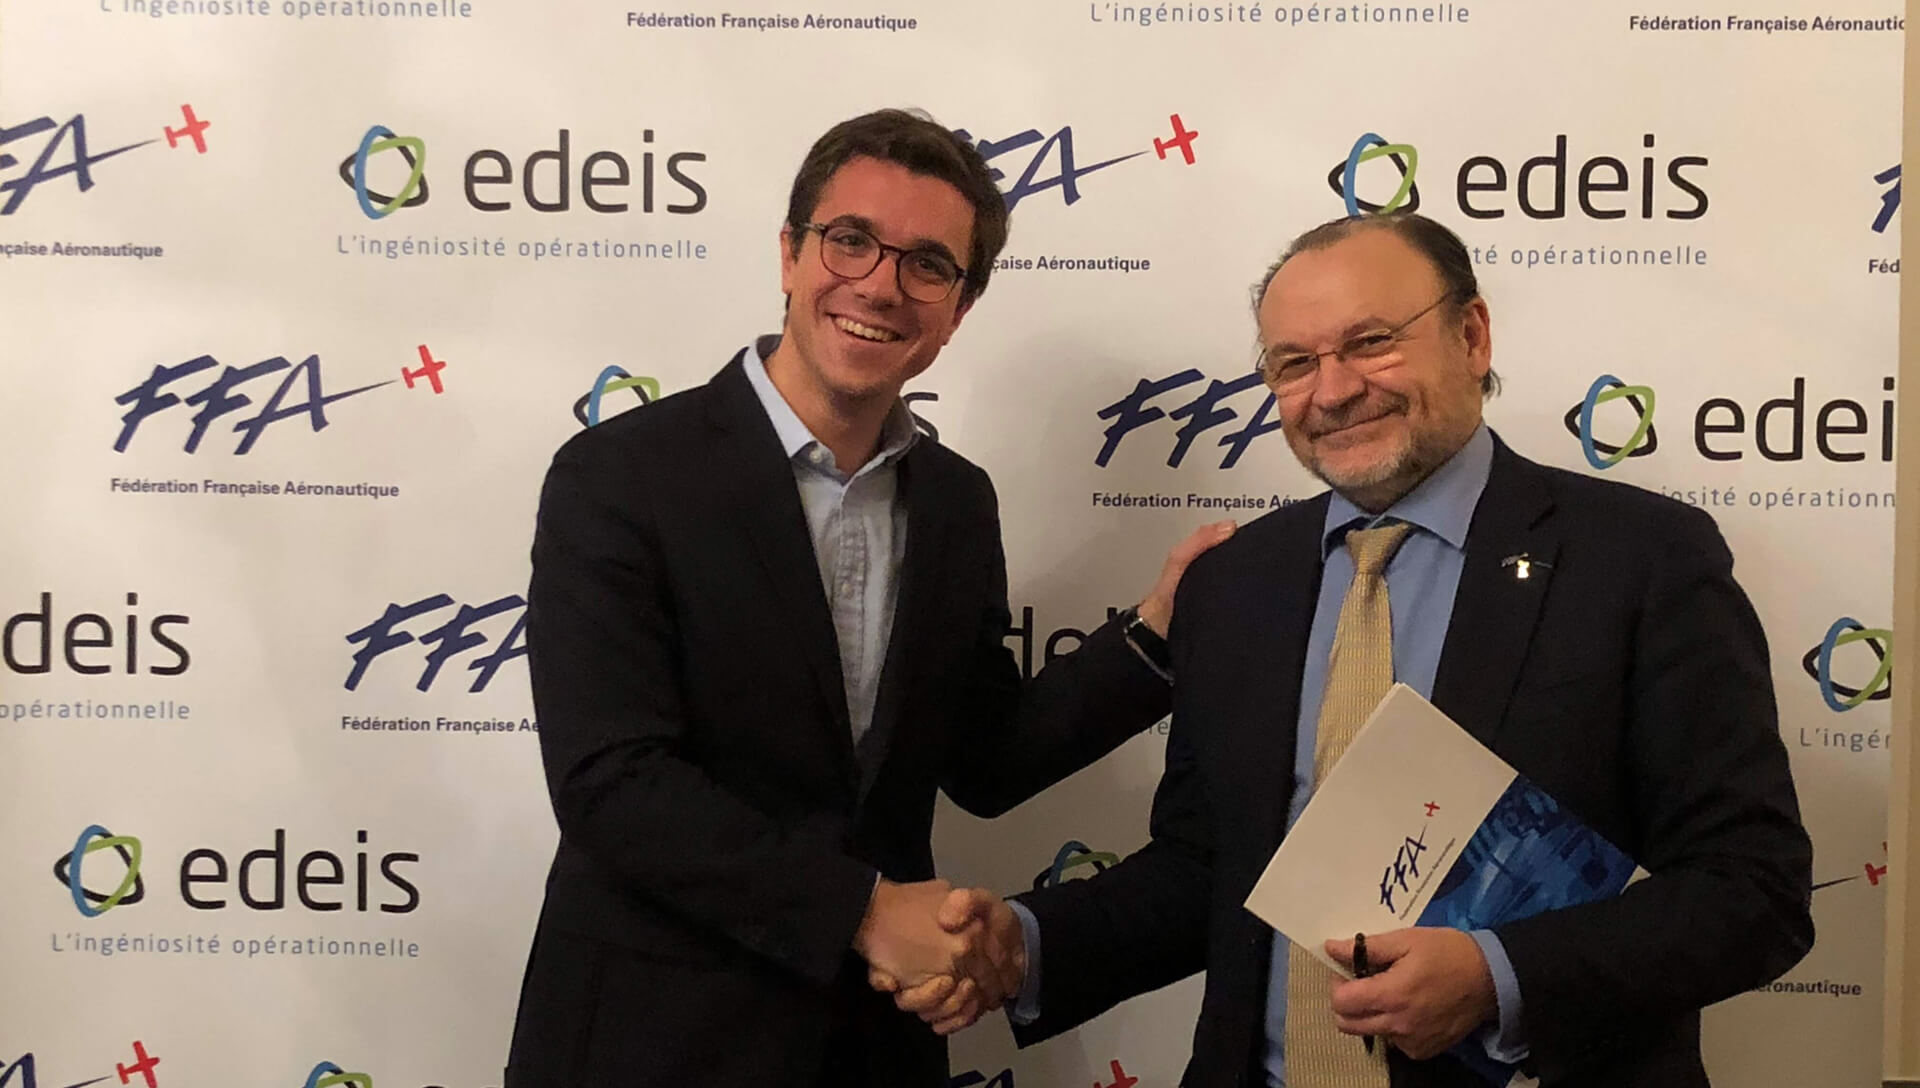 Nouveau partenariat entre Edeis et la FFA